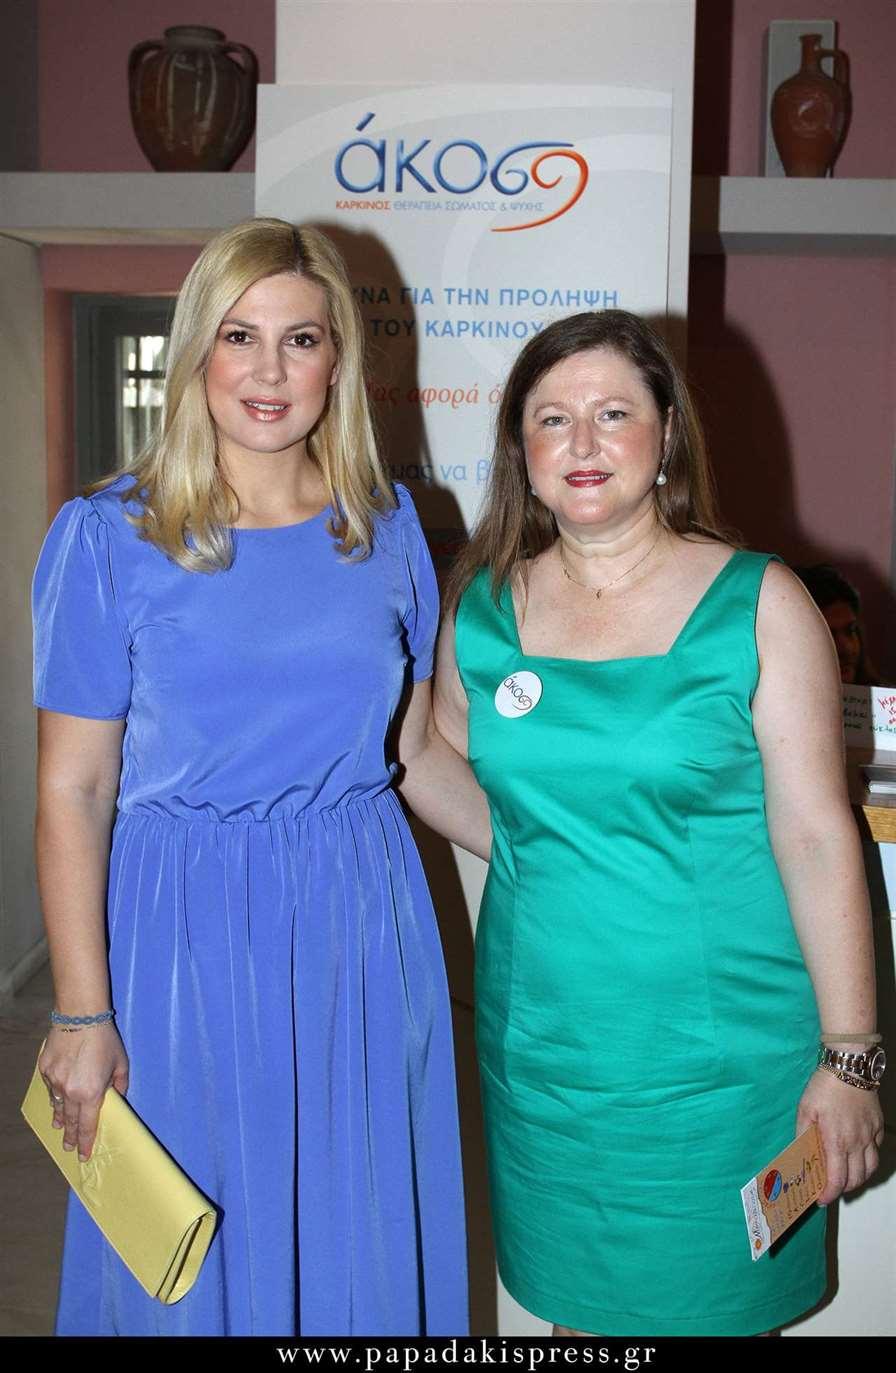 Η Ράνια Θρασκιά που παρουσίασε την εκδήλωση της ΑΚΟΣ με την Πρόεδρο της, Δρ. Δέσποινα Κατσώχη